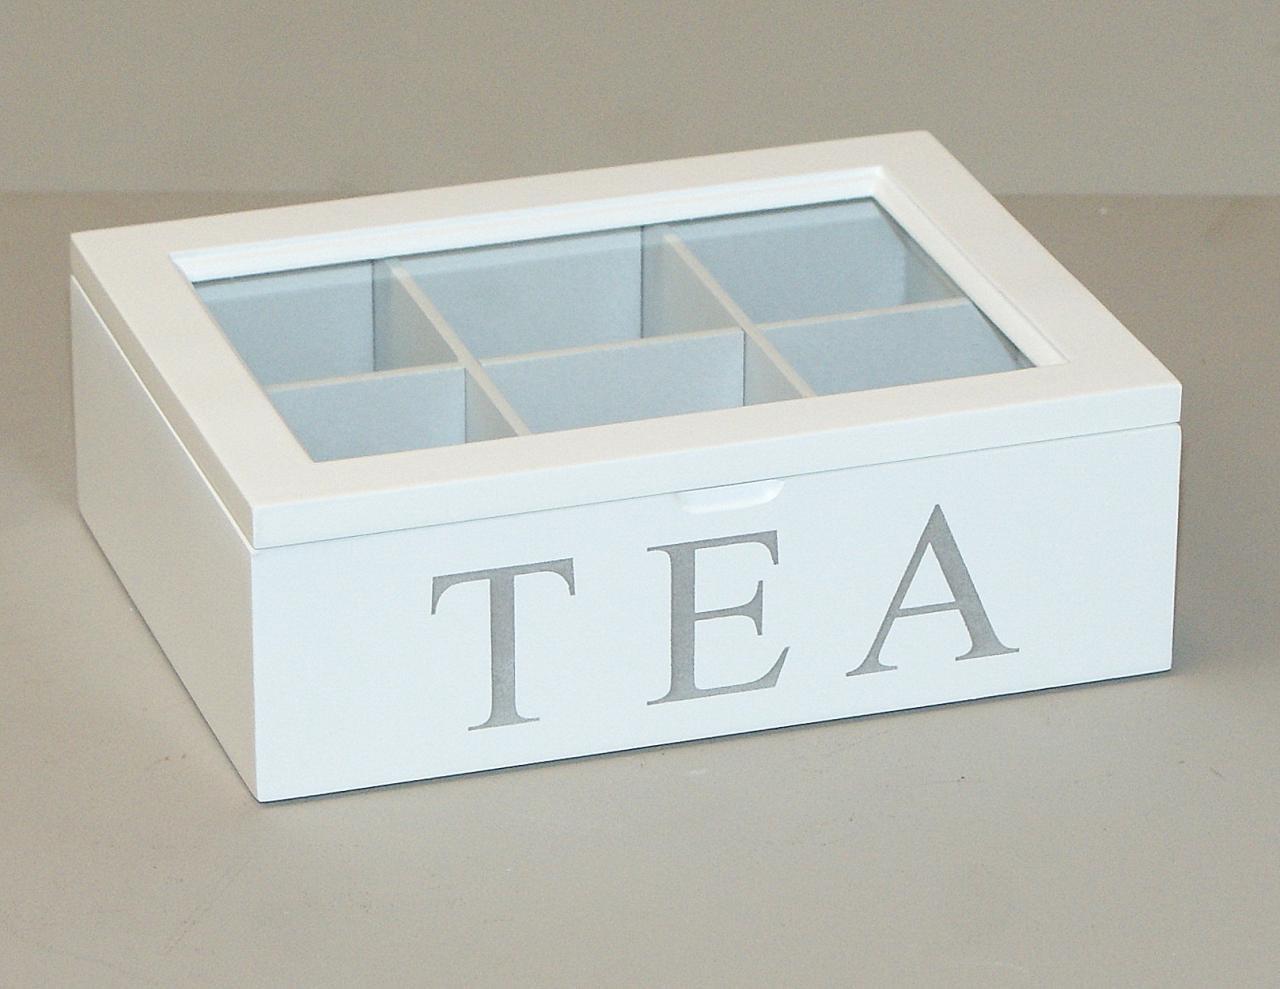 Pudelko skrzyneczka drewniana na herbate biale